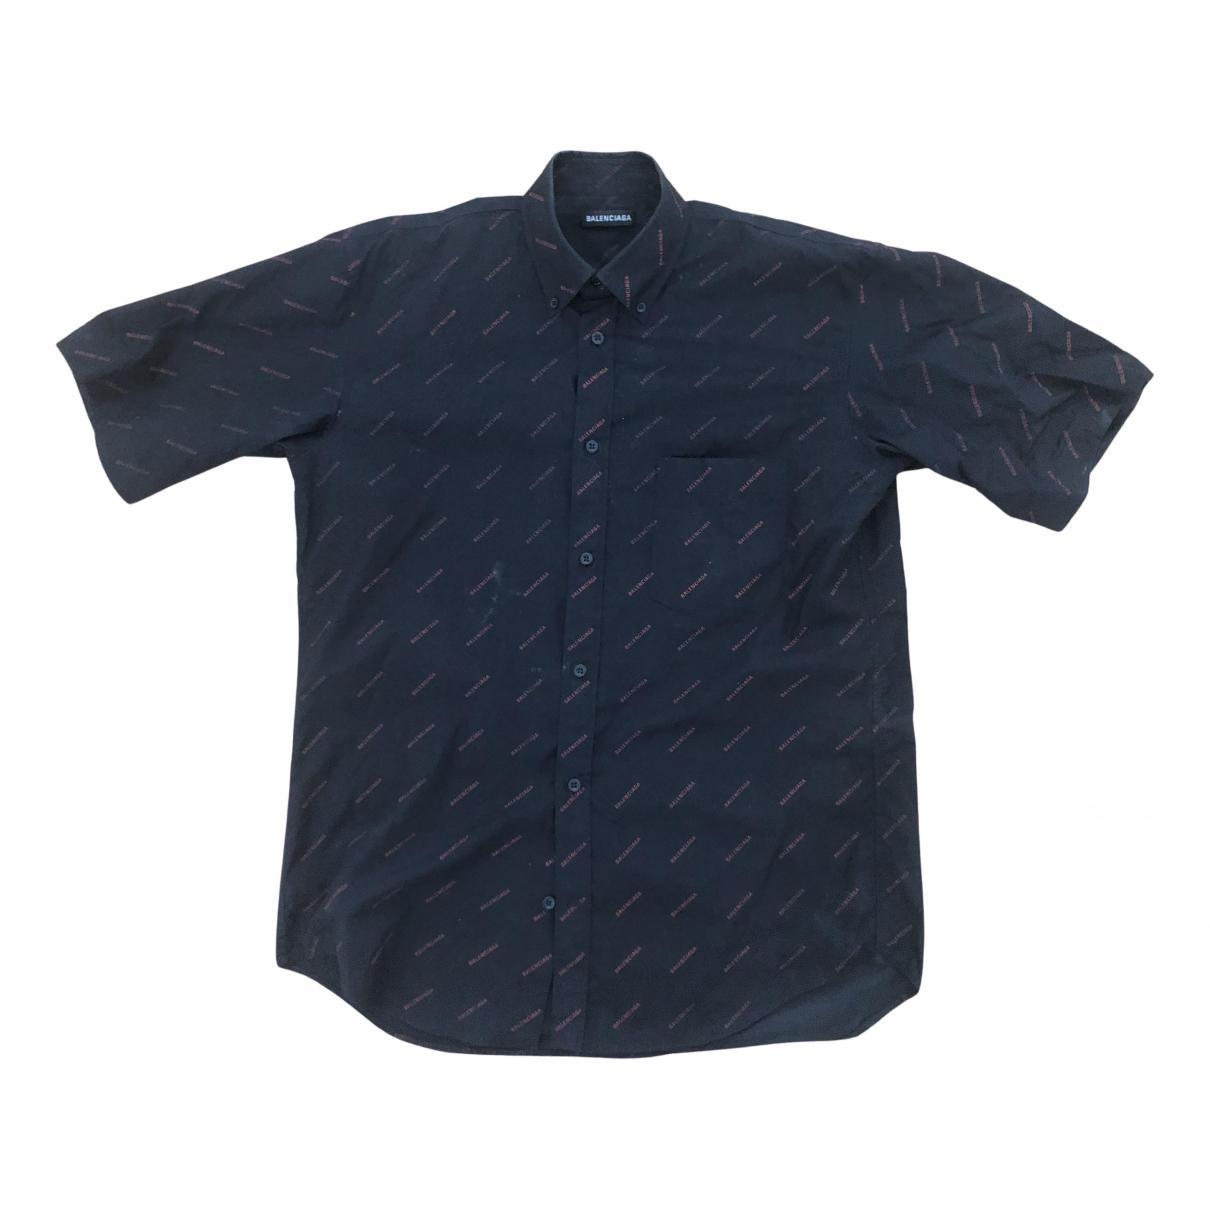 Balenciaga - Chemises   pour homme en coton - bordeaux